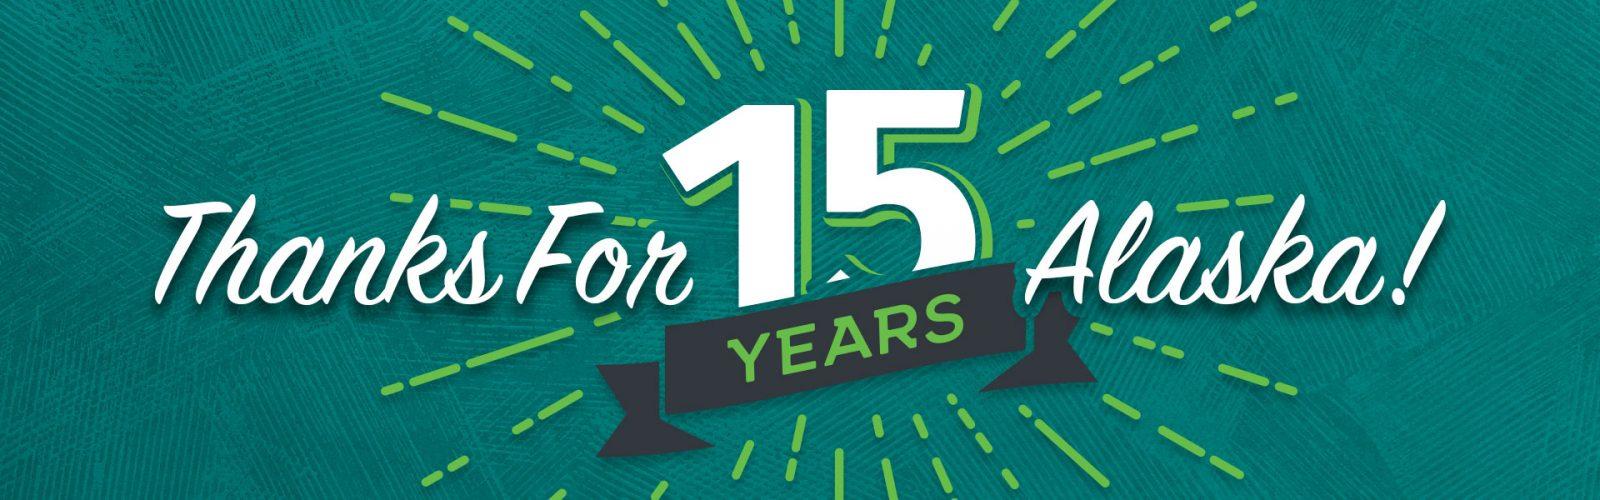 Anniversary-Header-V2